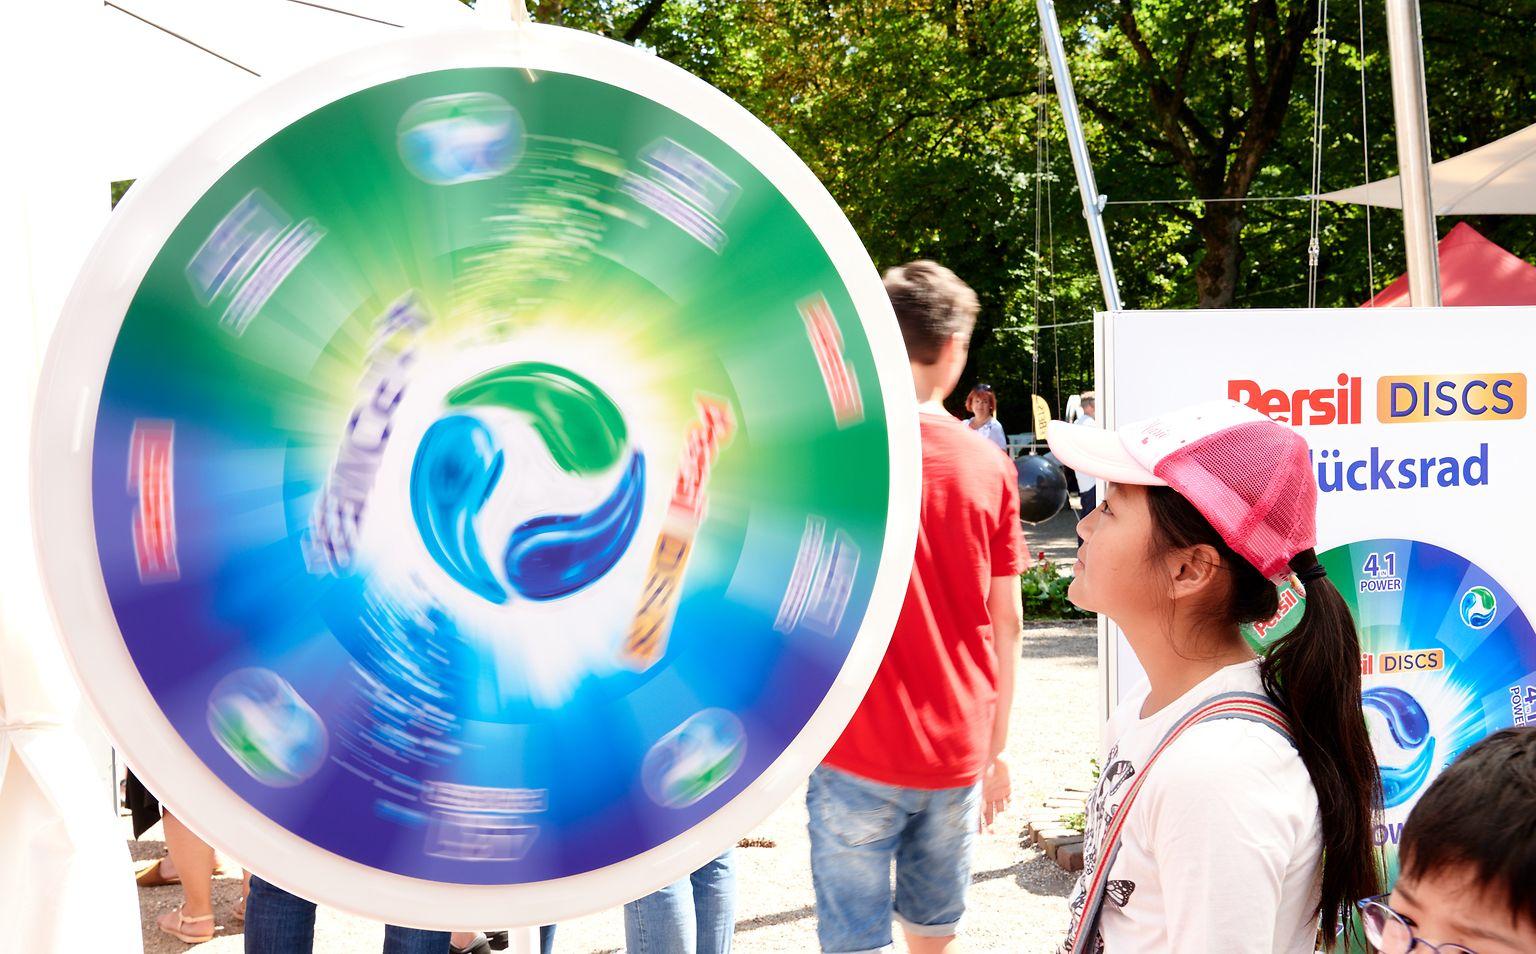 Der Henkel-Markenparcours bot den Gästen viele Gewinnspielchancen.